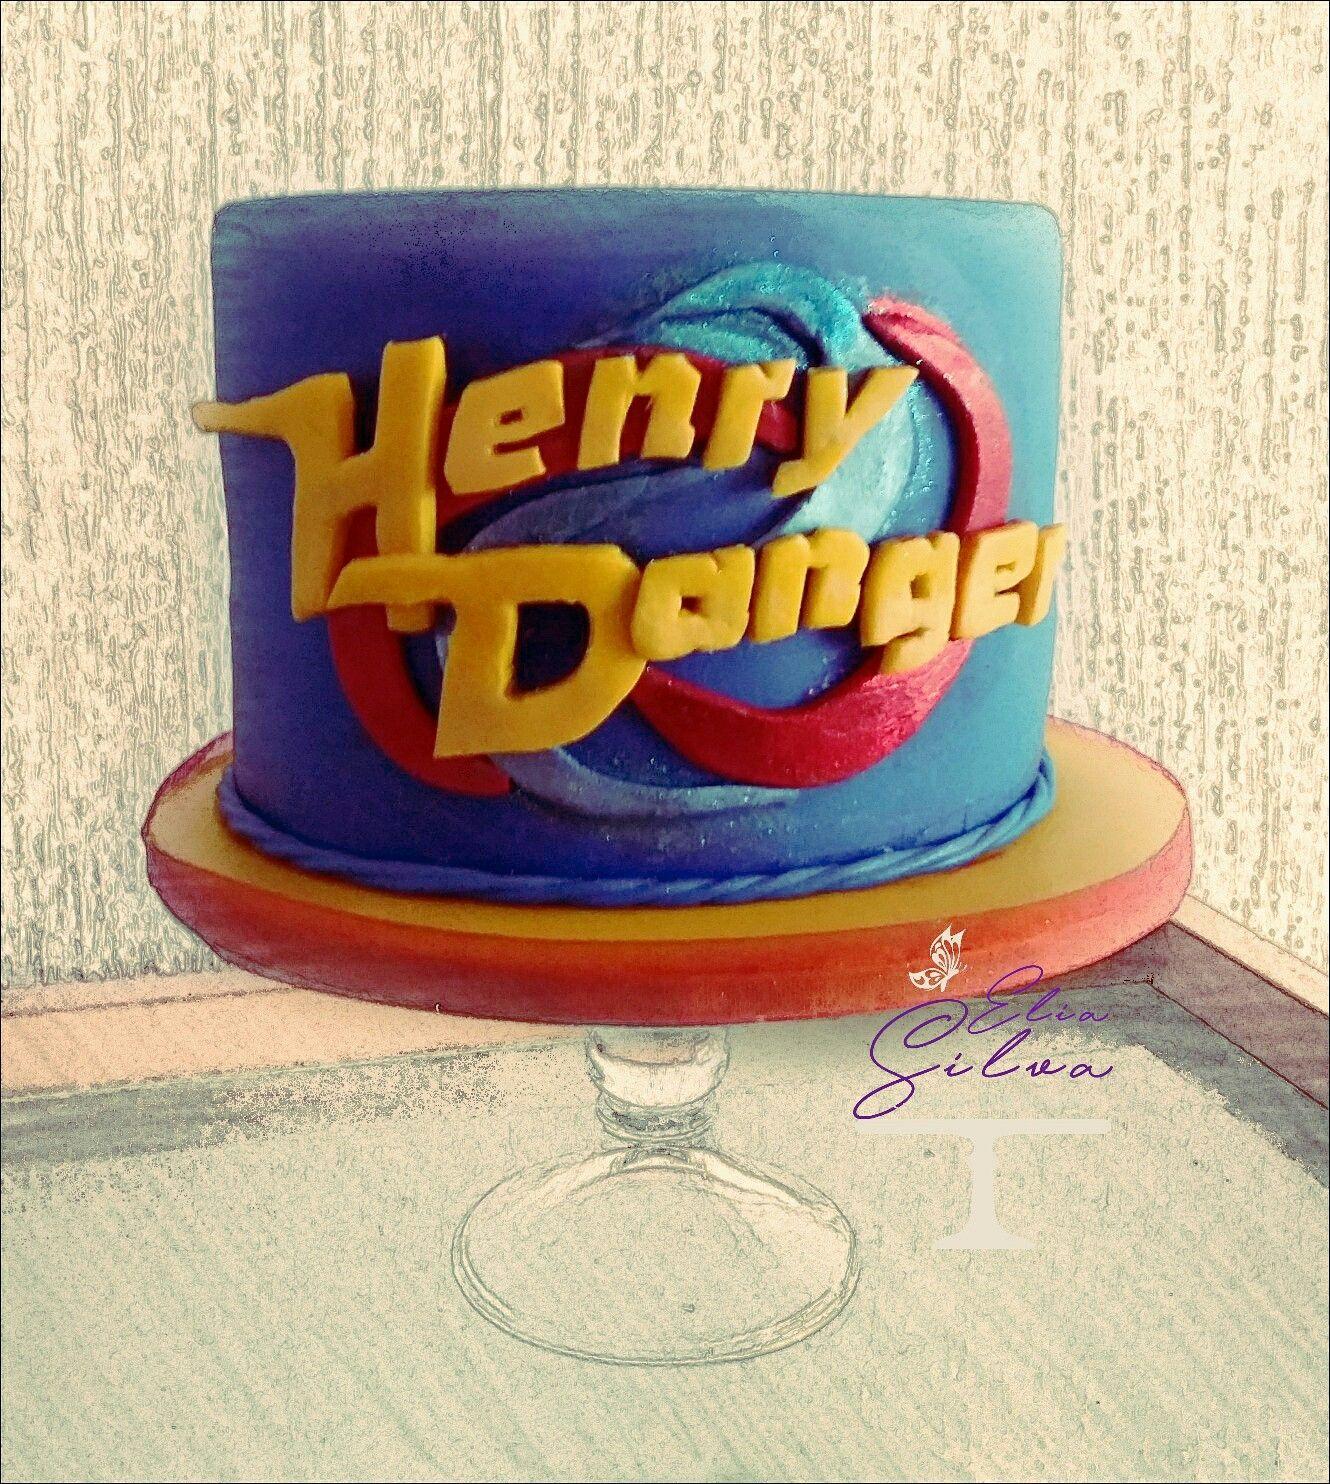 Henry Danger cake!